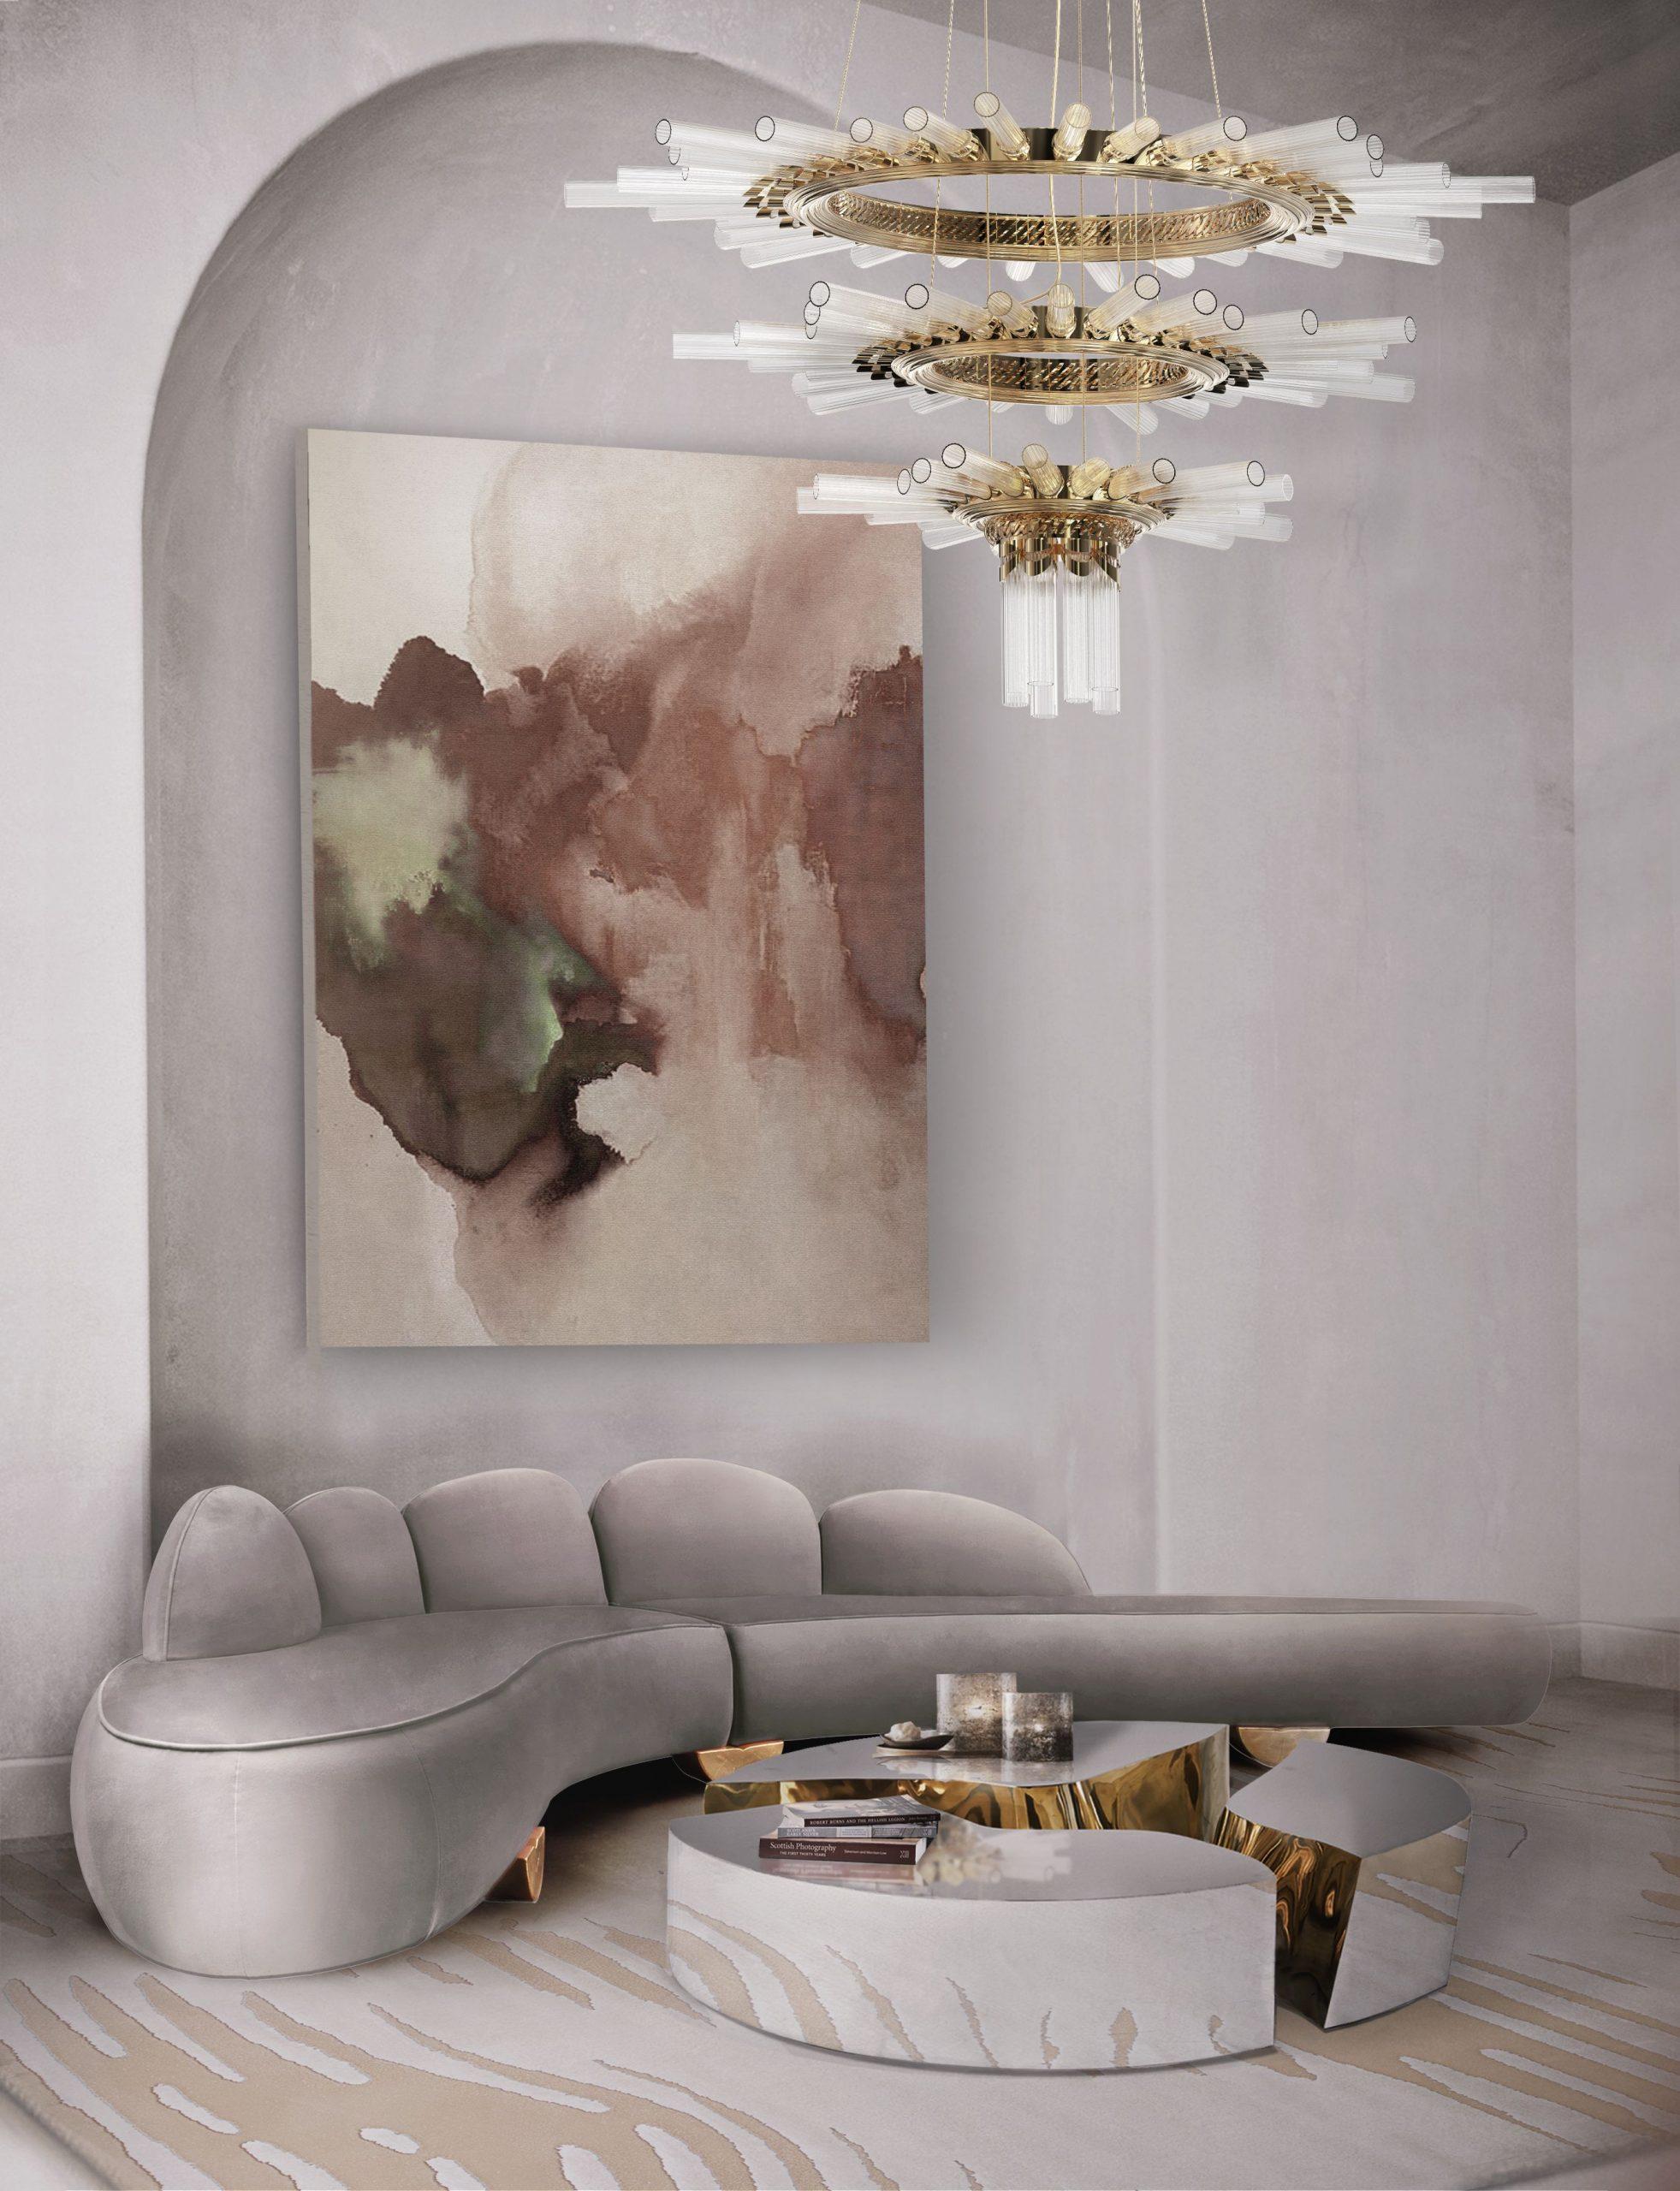 Living Room Carpet Ideas: The Inspiration You Deserve